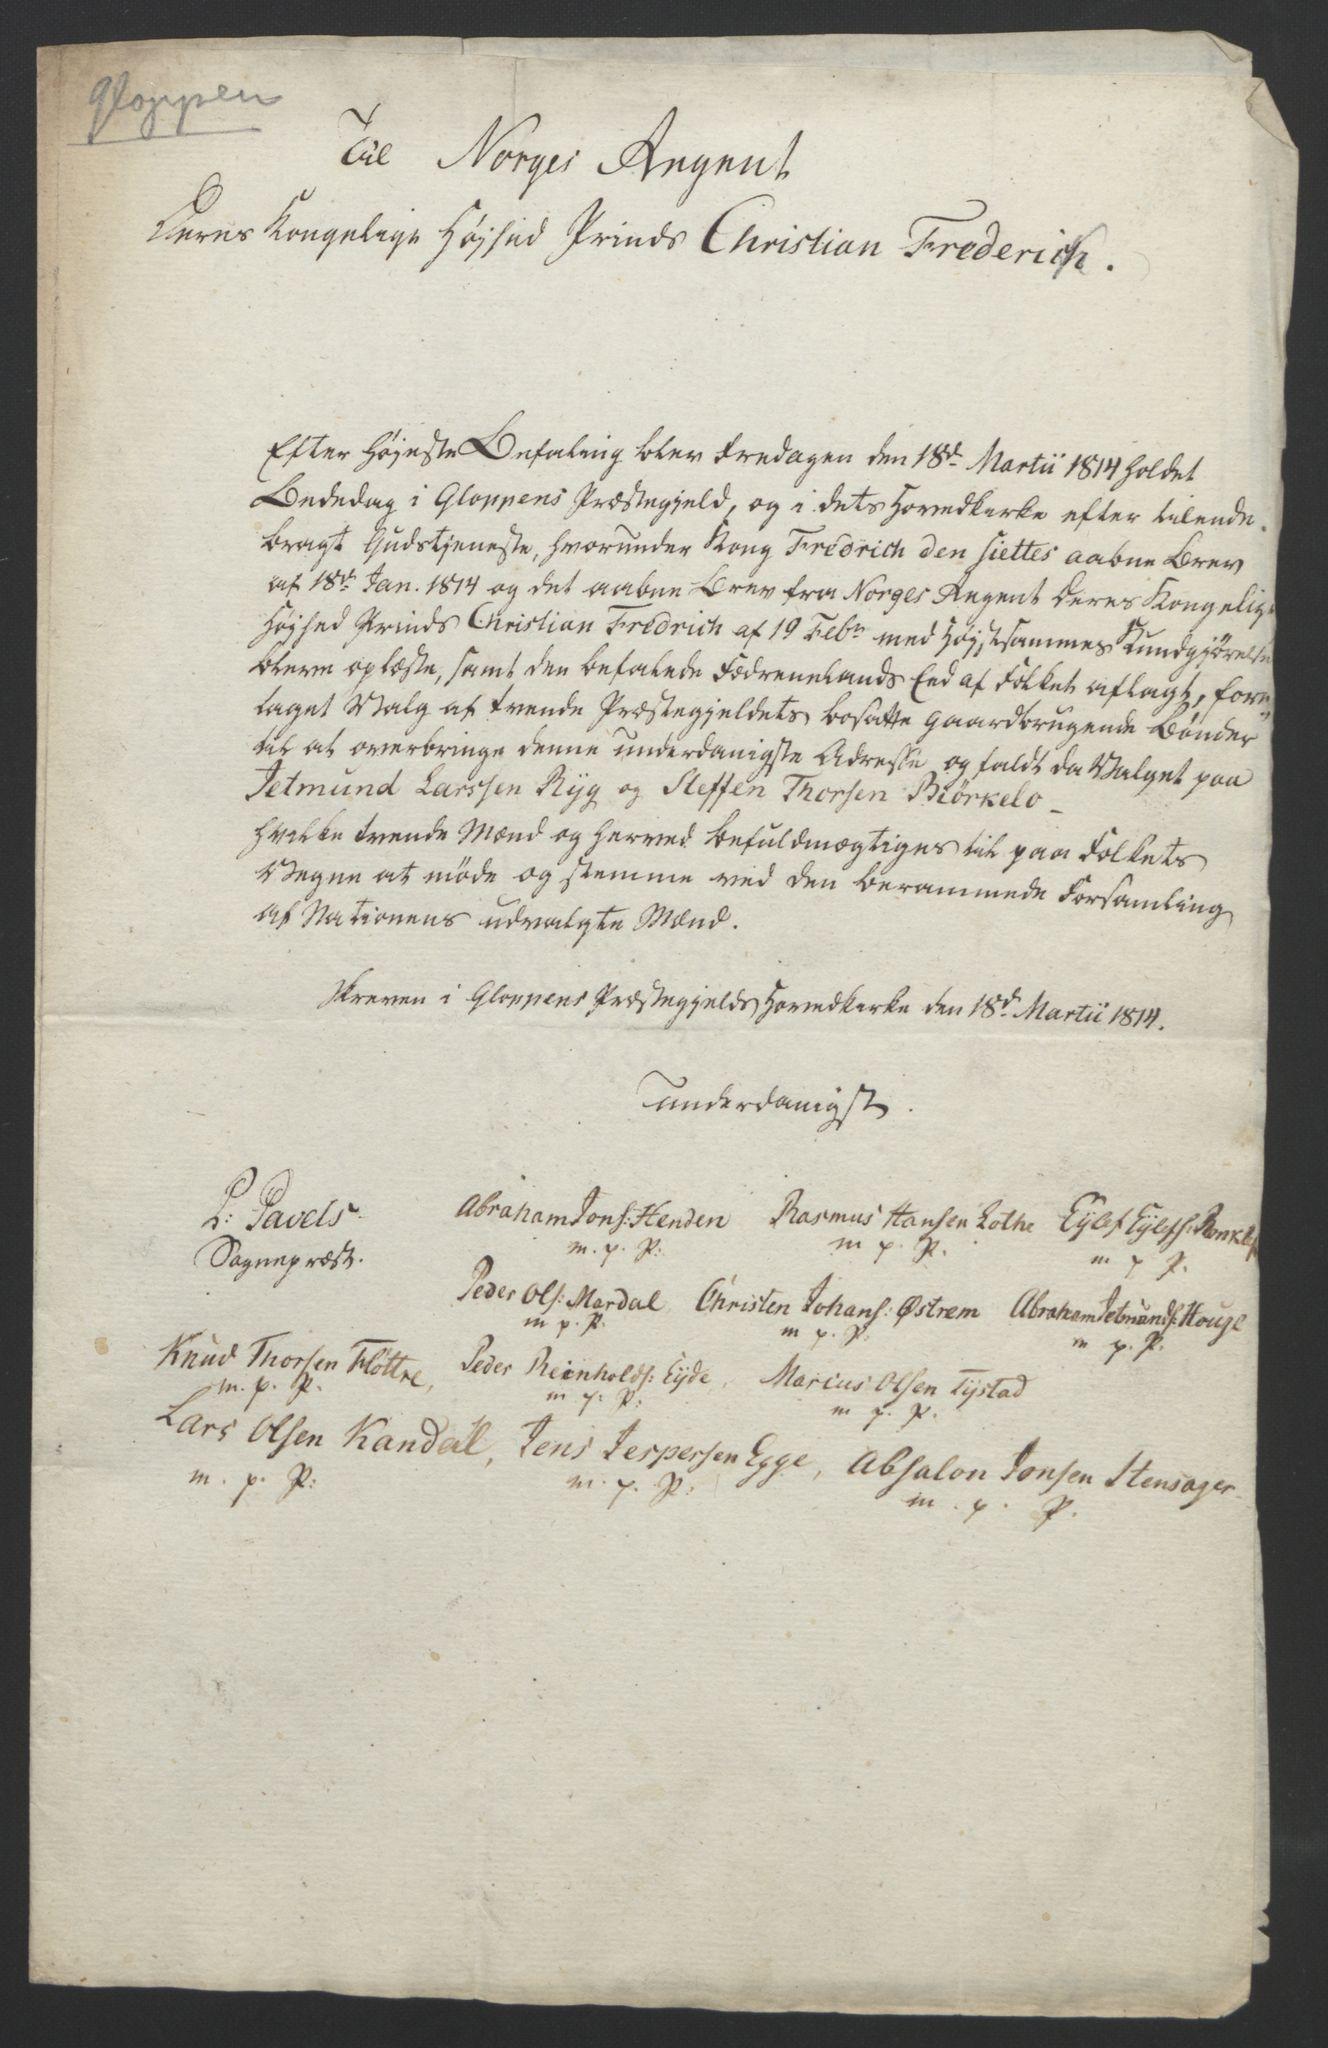 RA, Statsrådssekretariatet, D/Db/L0008: Fullmakter for Eidsvollsrepresentantene i 1814. , 1814, s. 323